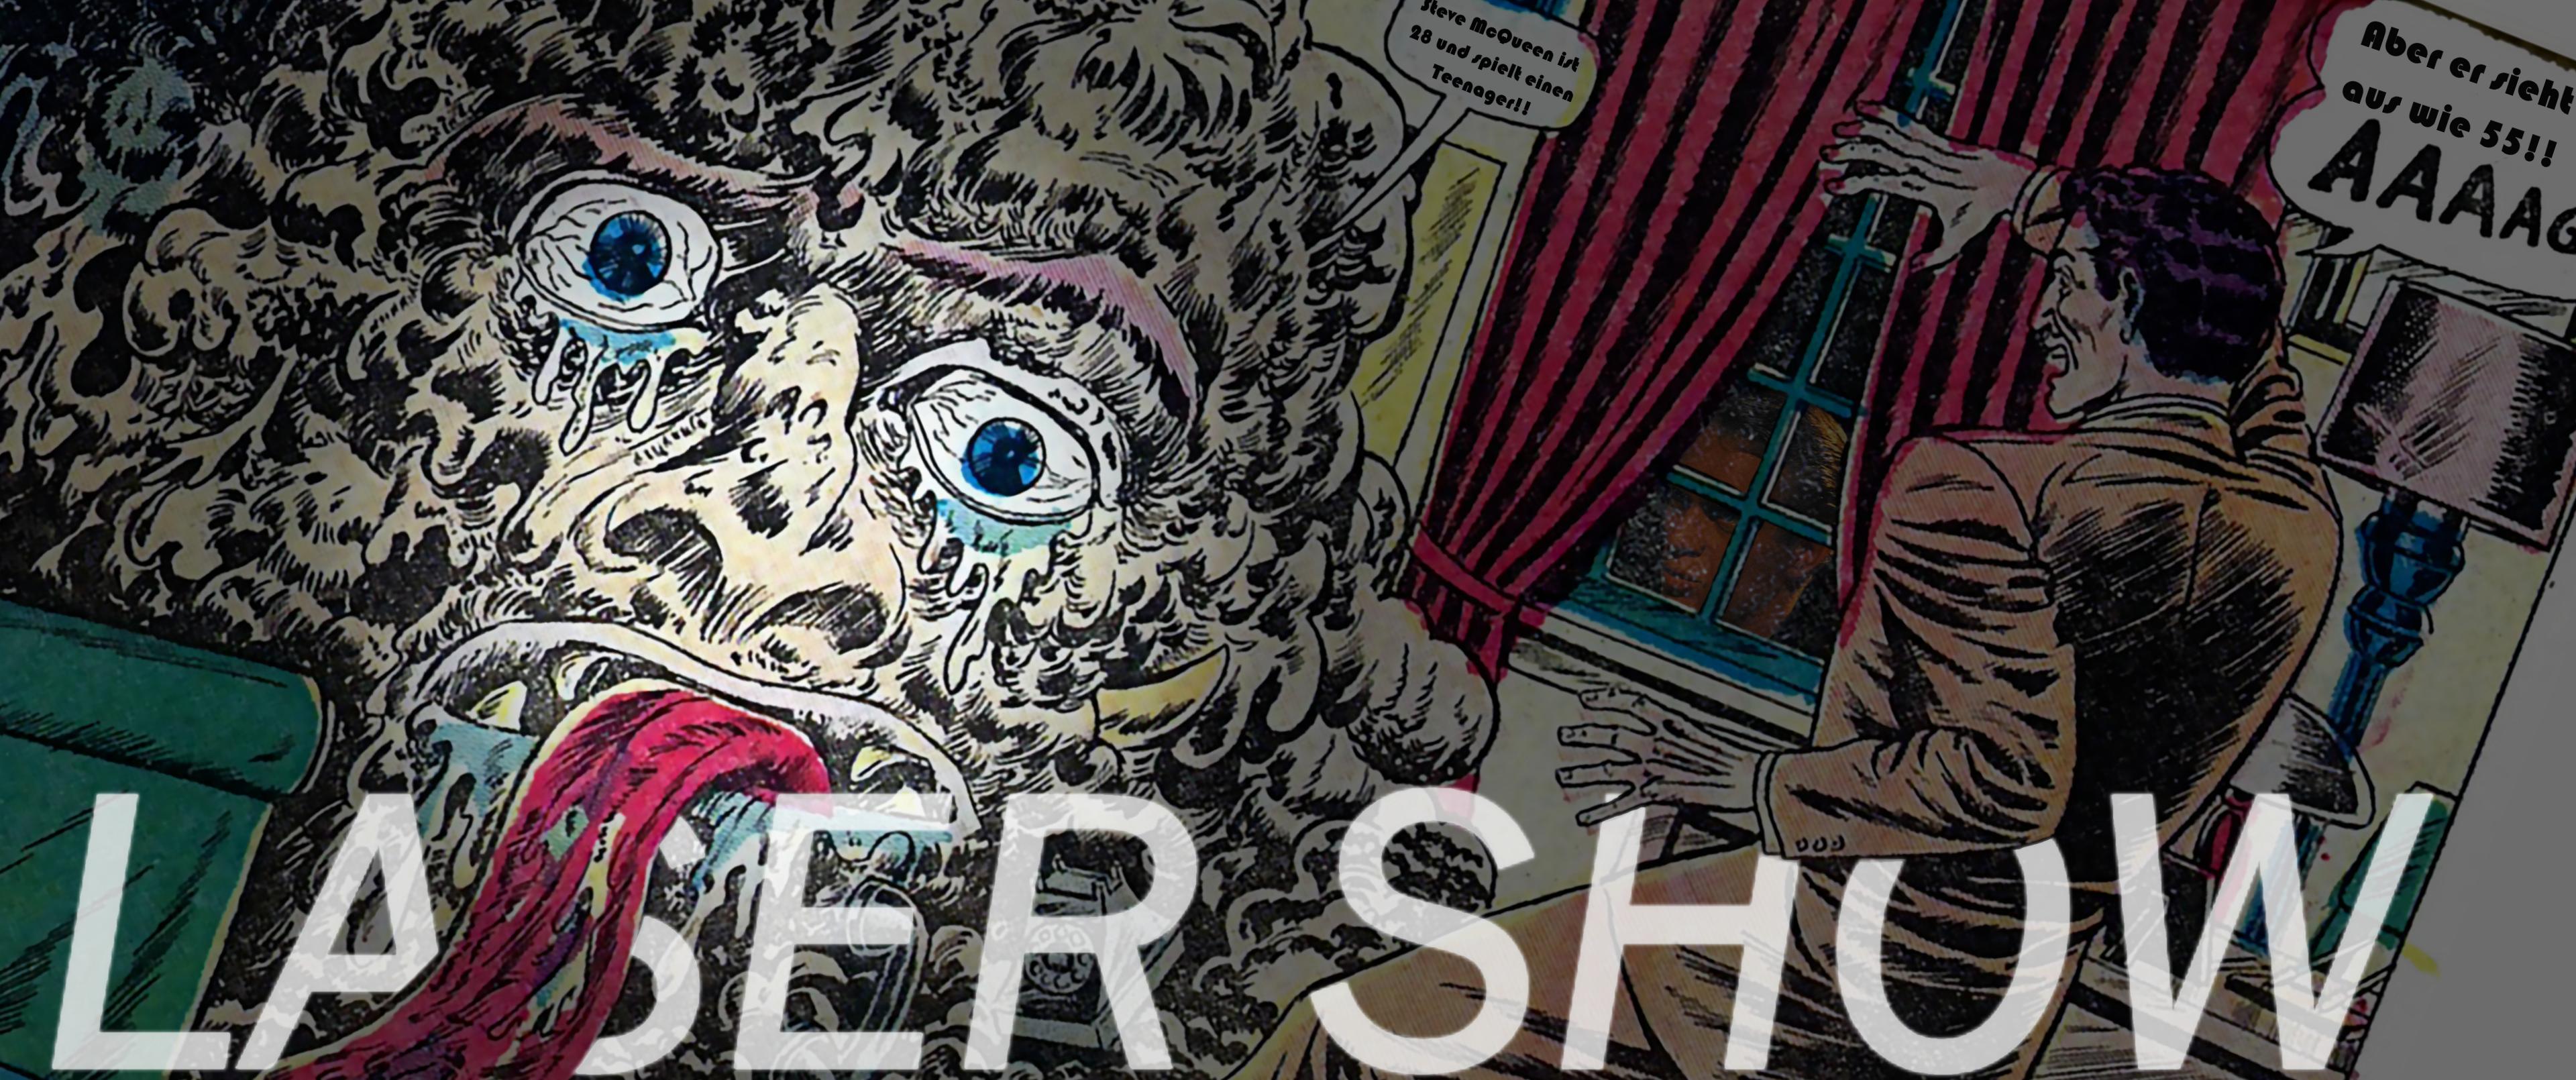 Laser Show 054: Schnell-o-ween